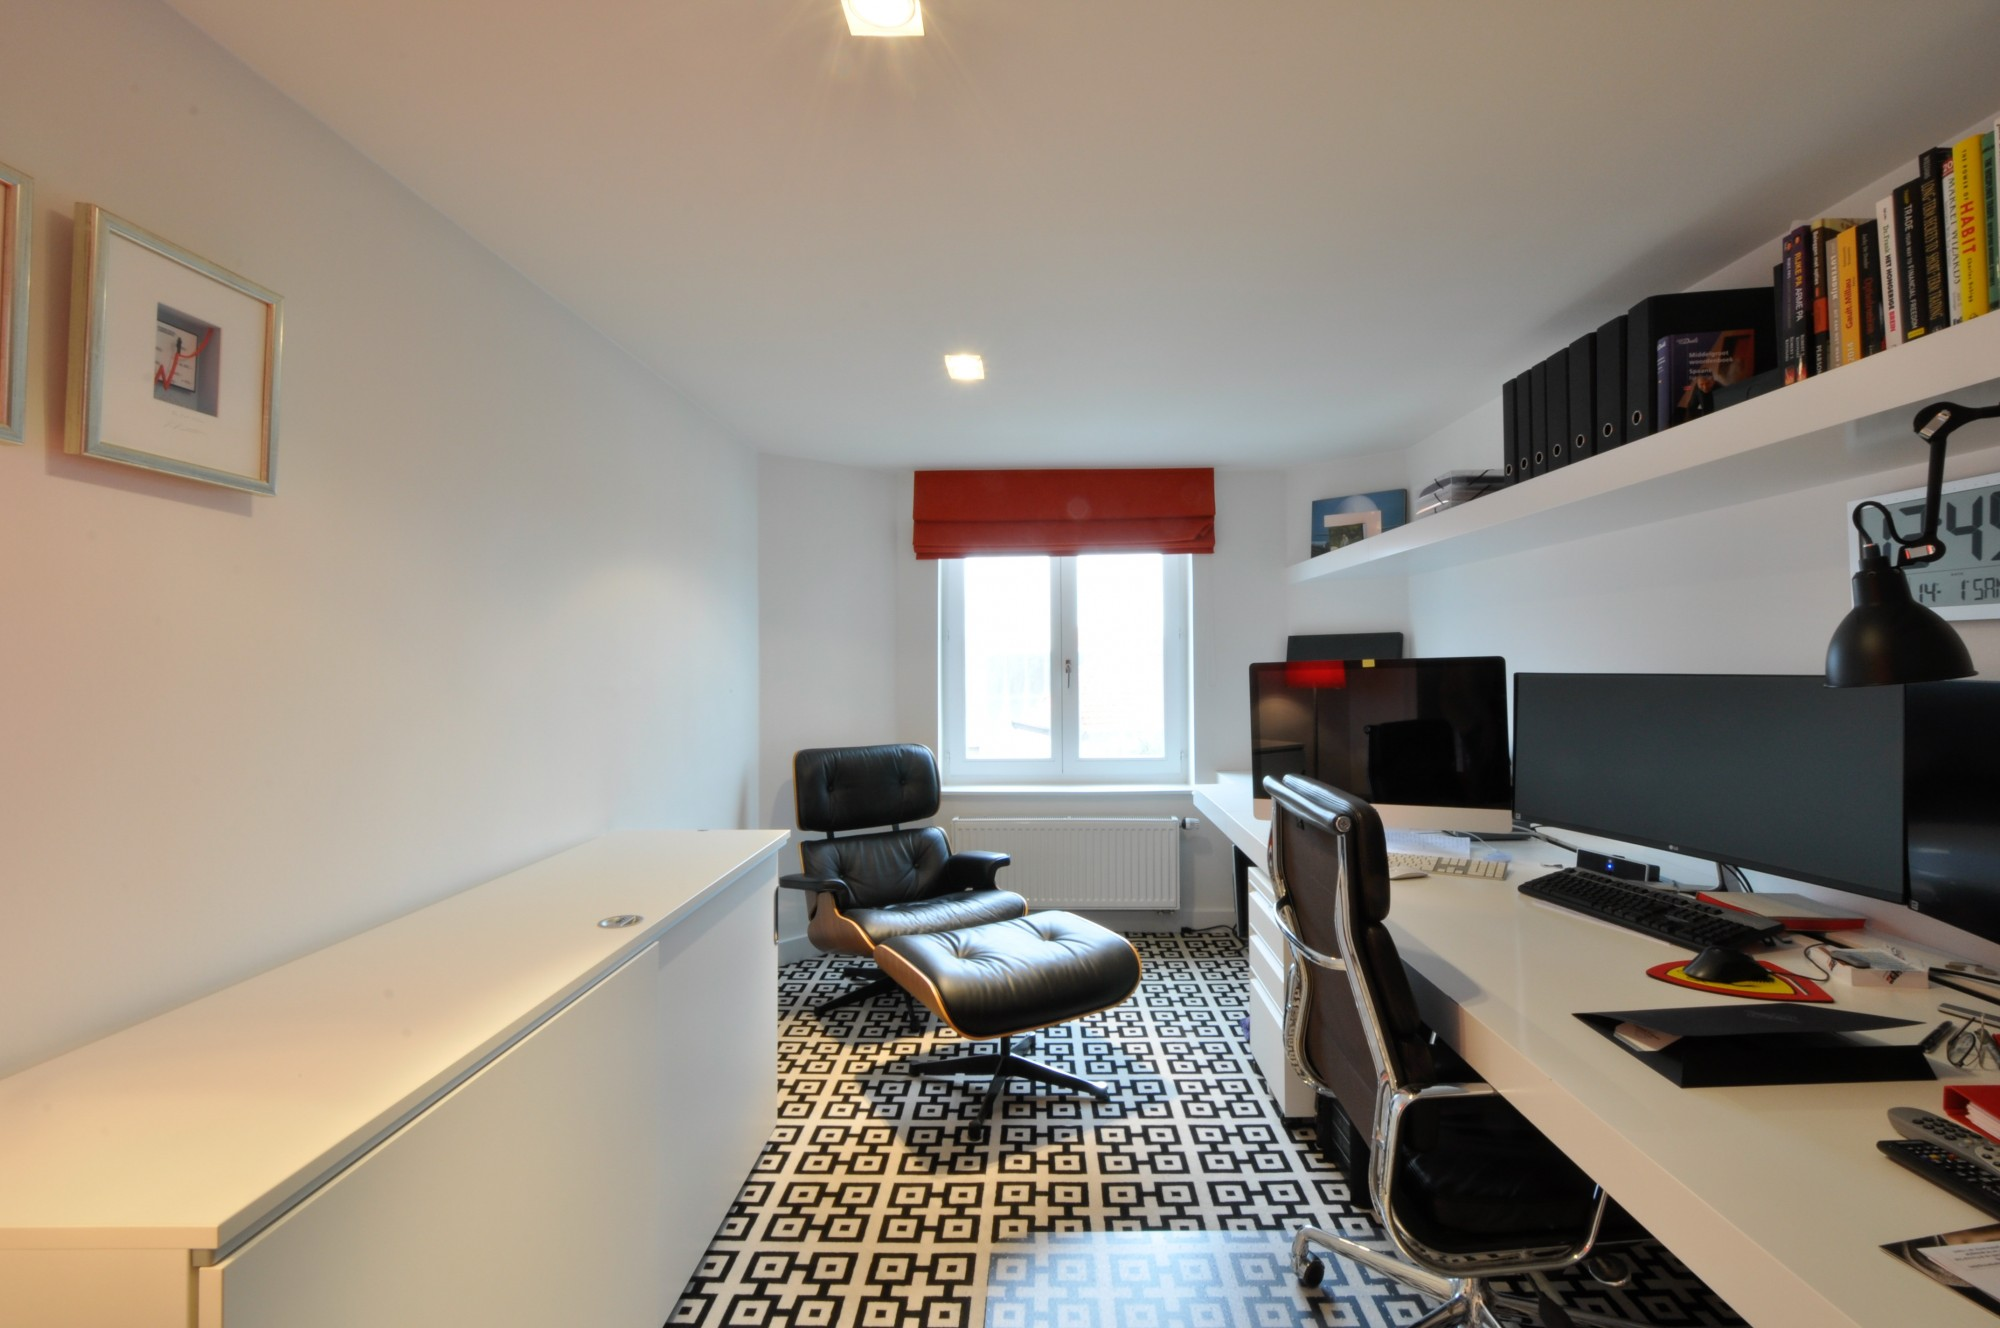 Ventes huis t5 f5 knokke heist villa prestigieus for Huis verkoop site